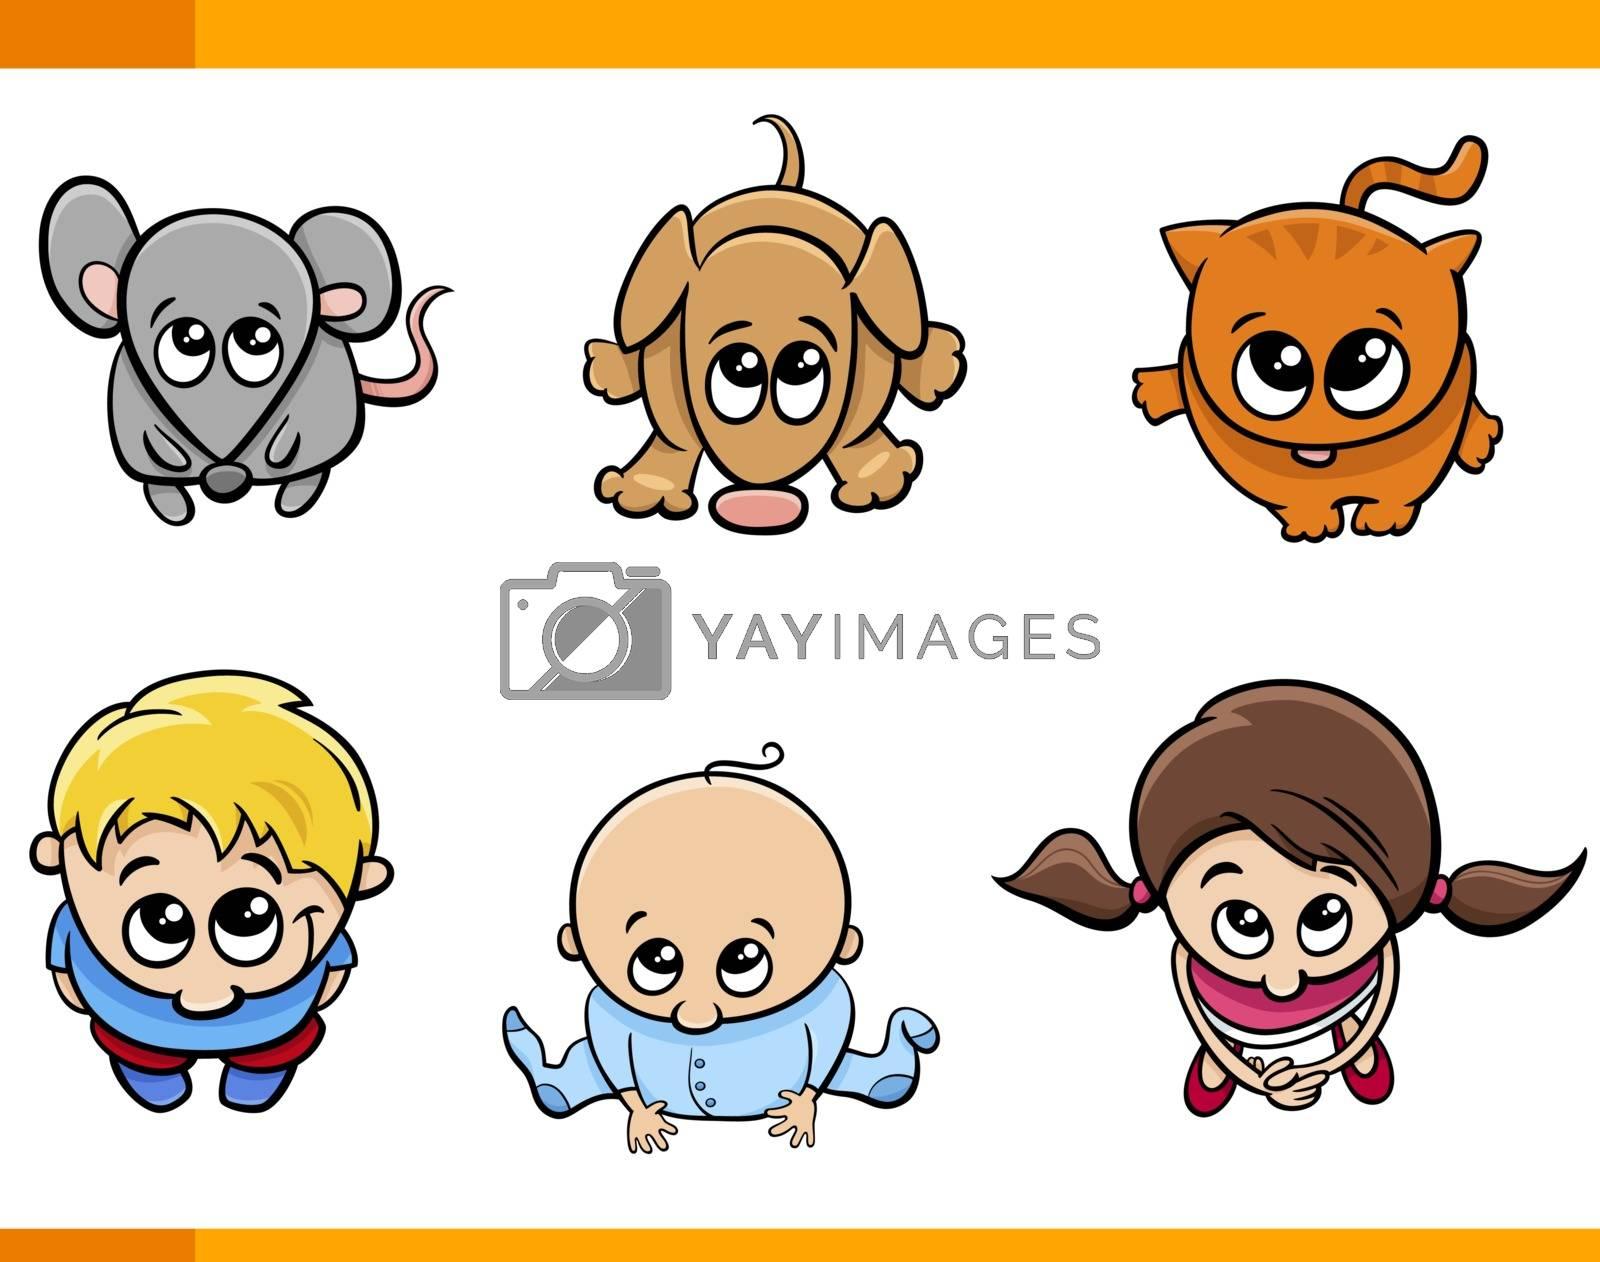 kids and pets cartoon set by izakowski